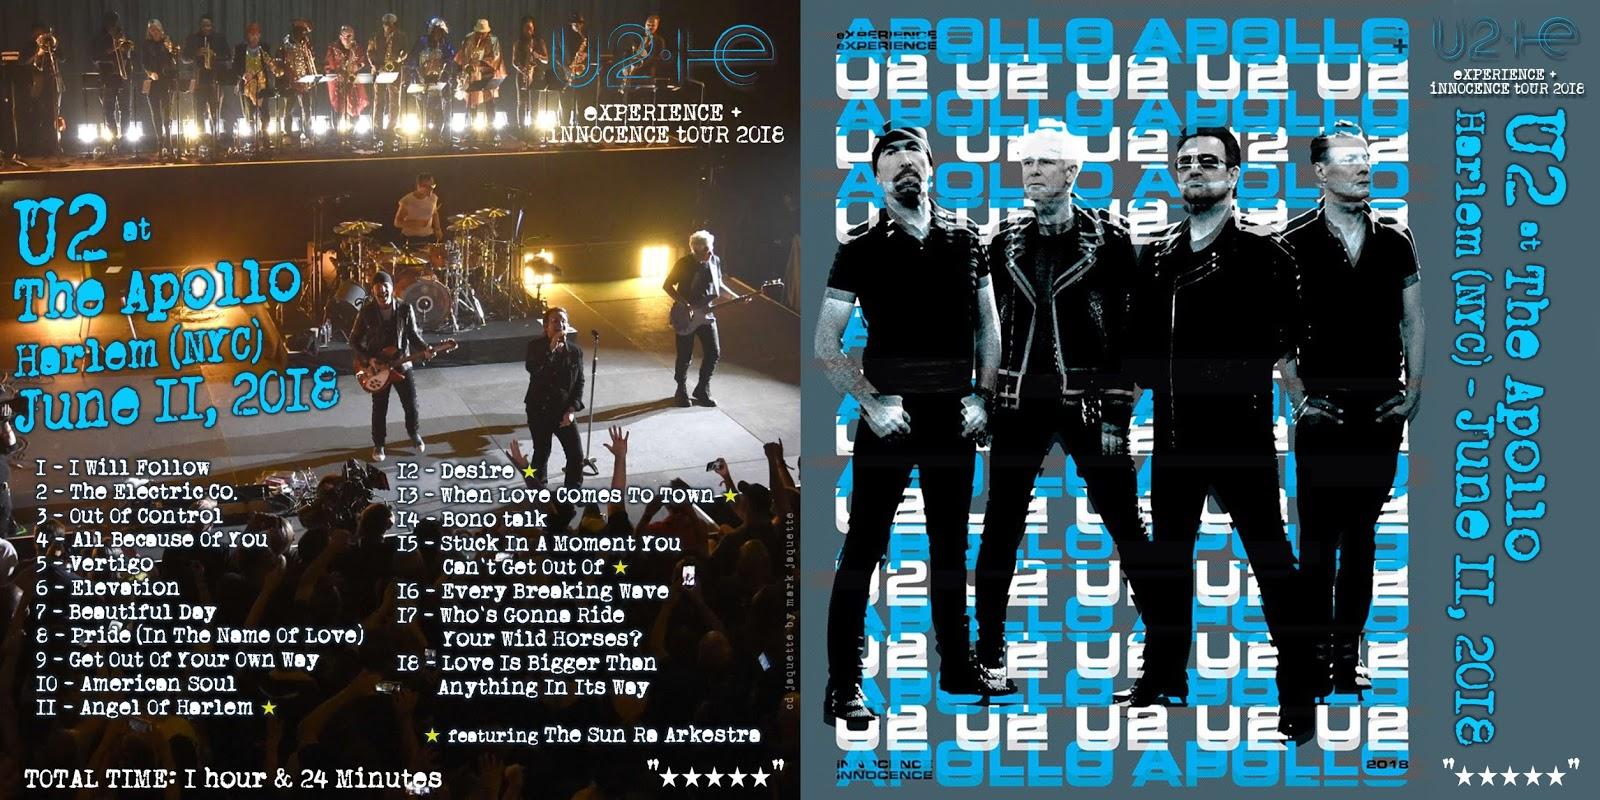 illustrationISM: U2 at The Apollo, June 11, 2018 !